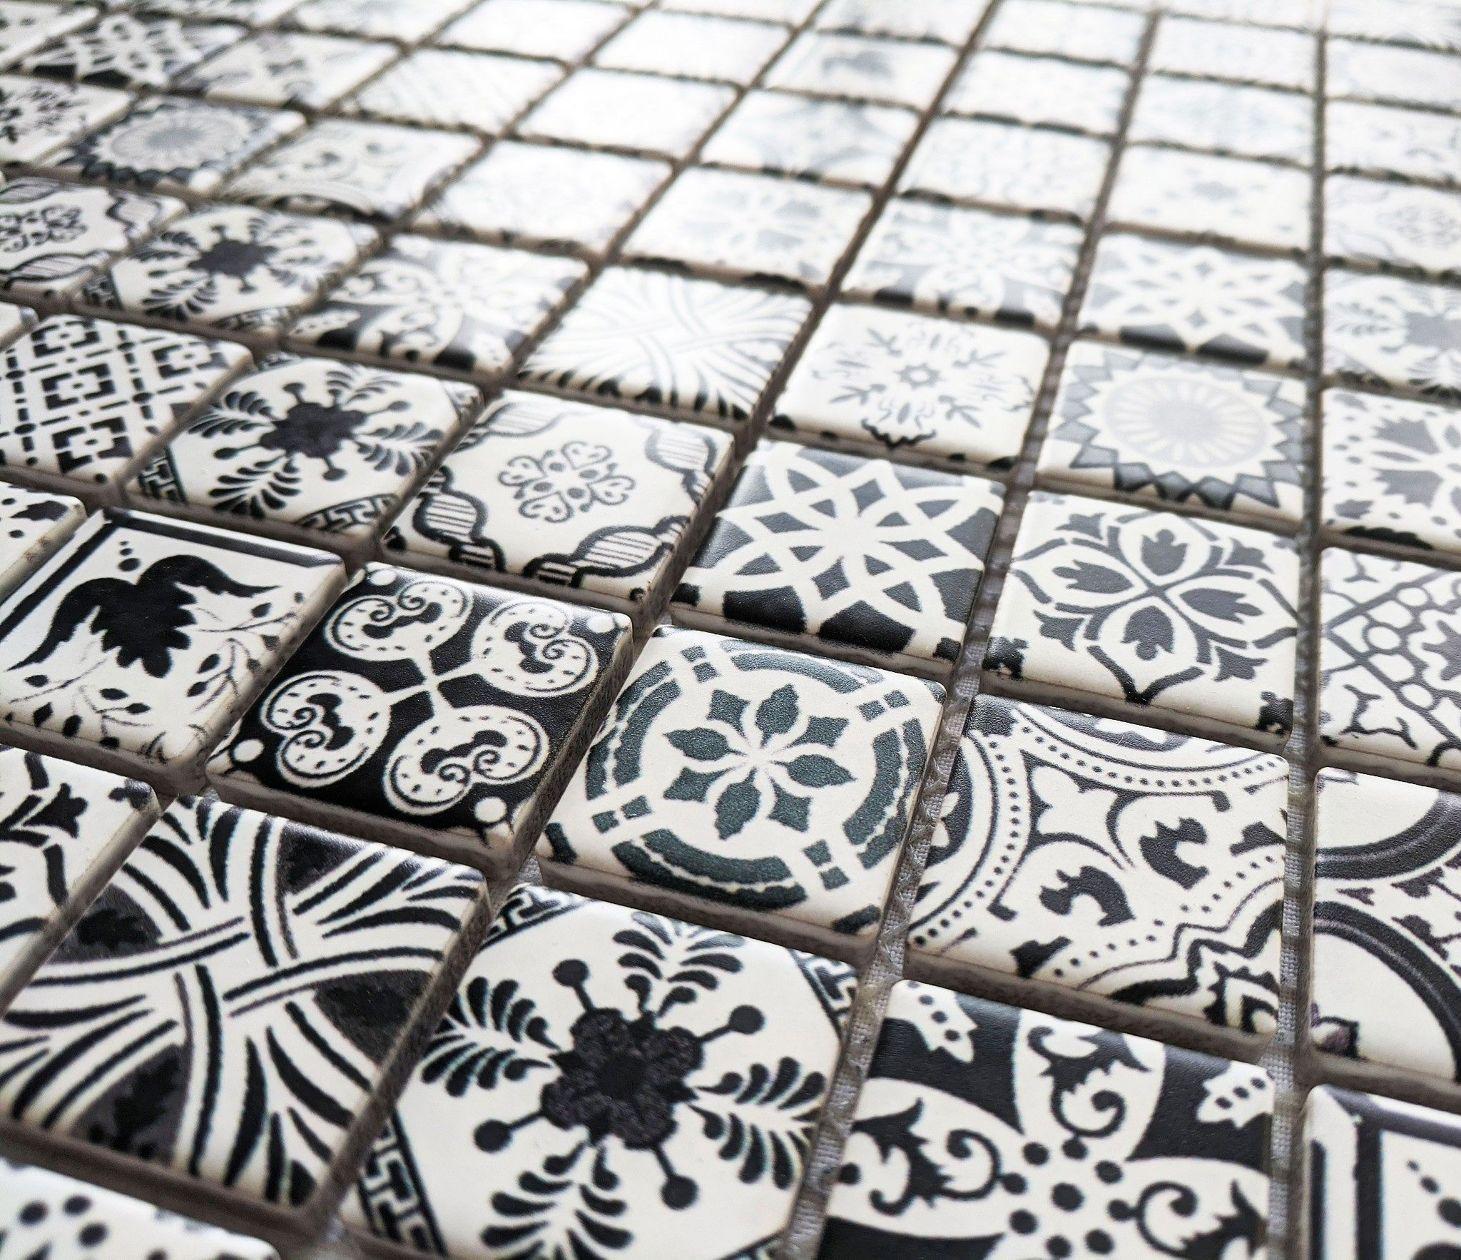 mosaics direct